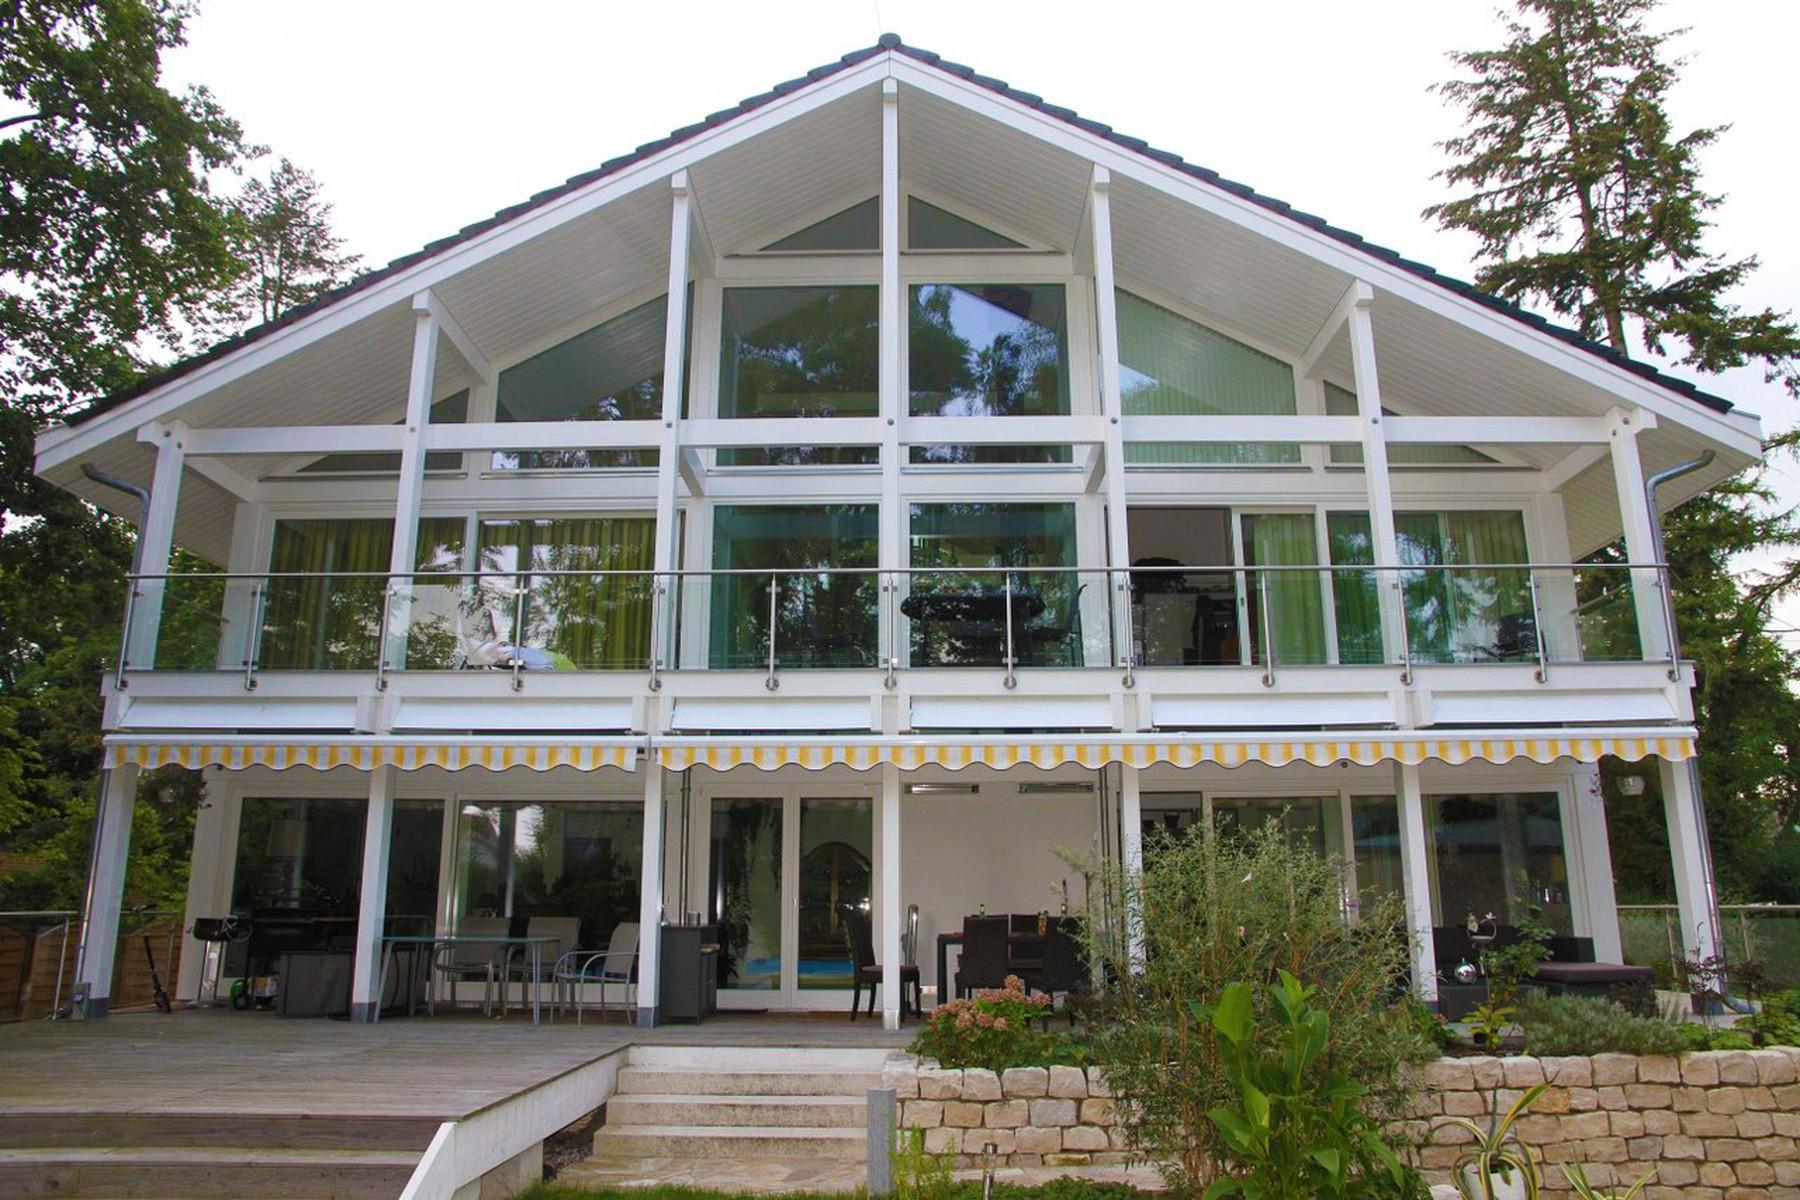 Modernes fachwerkhaus unsere neue referenz concentus for Modernes fachwerkhaus